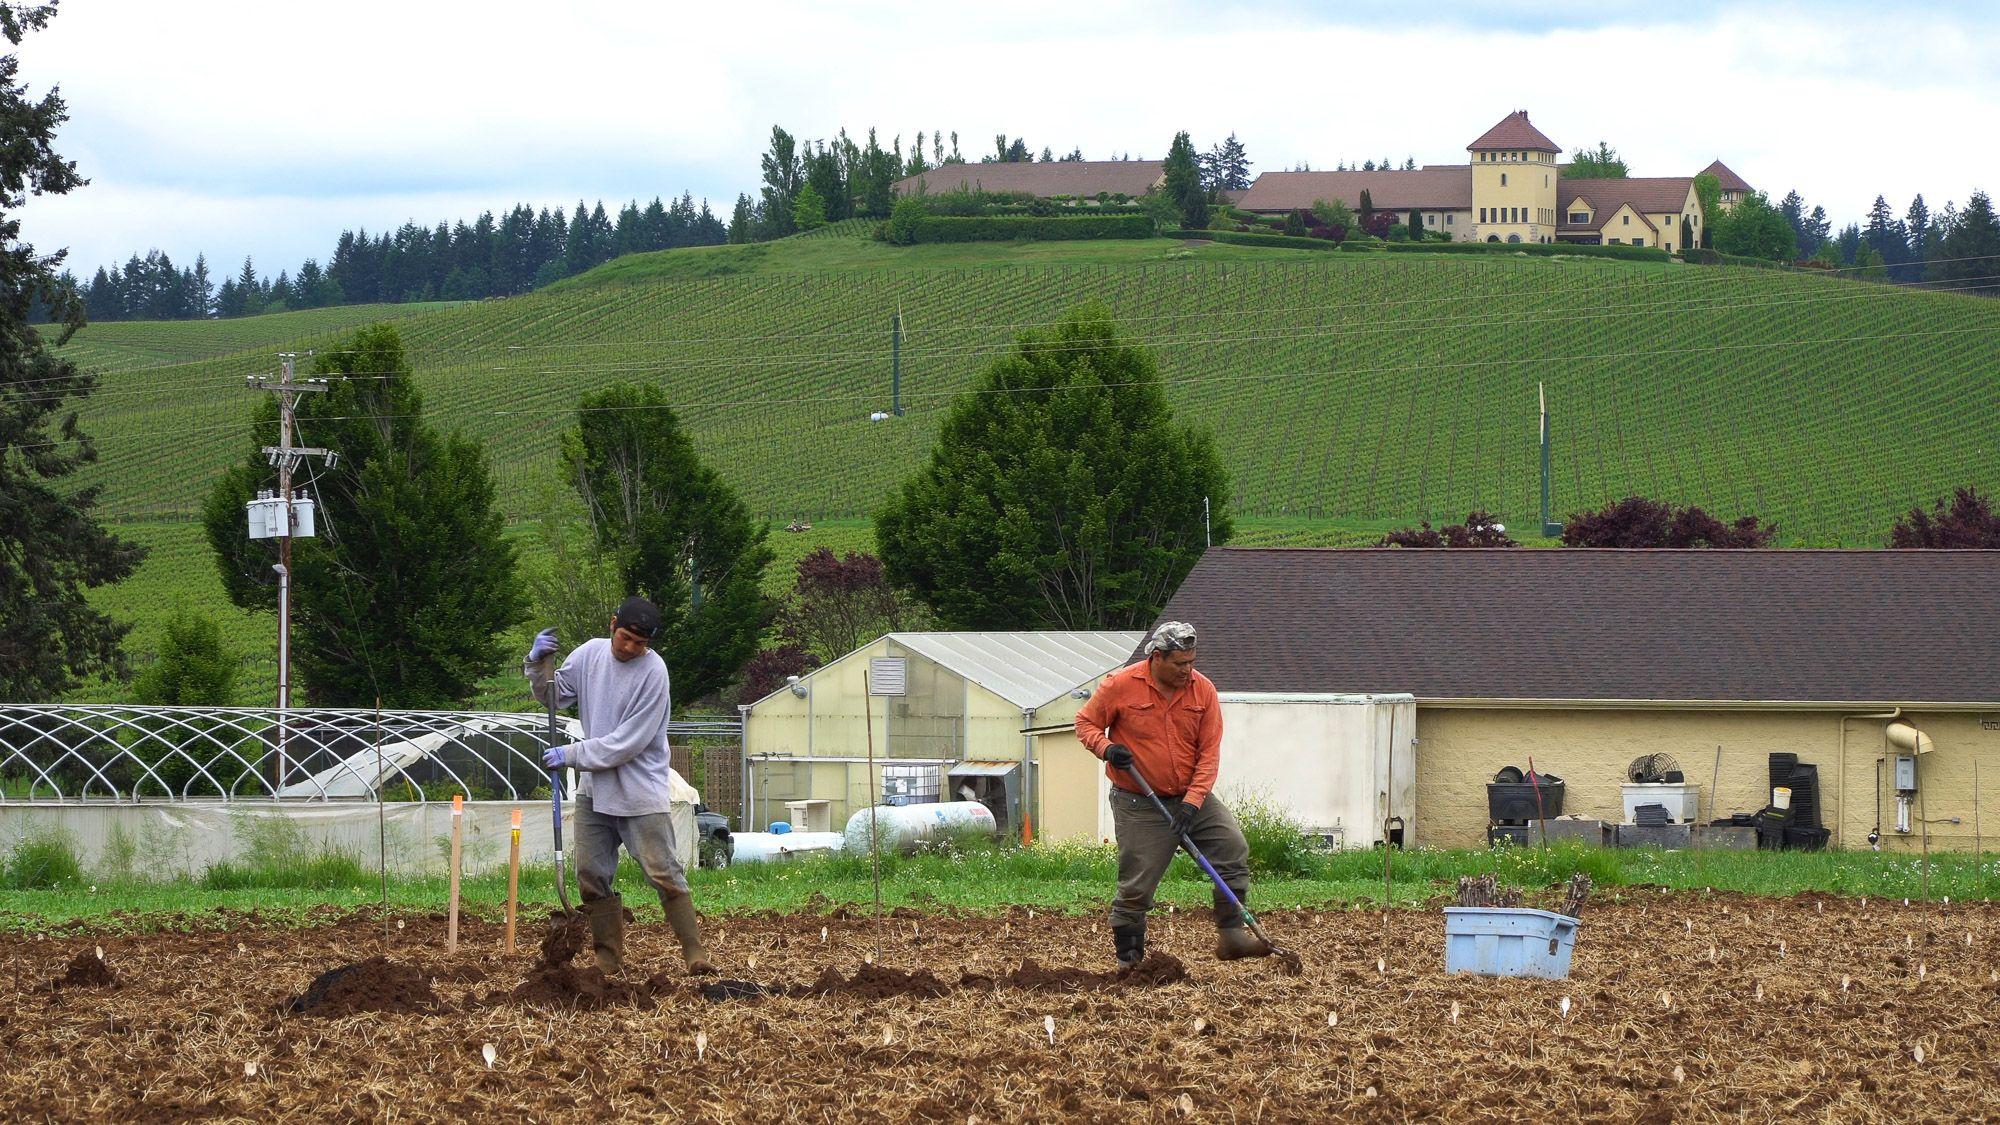 Oregon's King Estate Becomes Largest Biodynamic Vineyard in U.S.